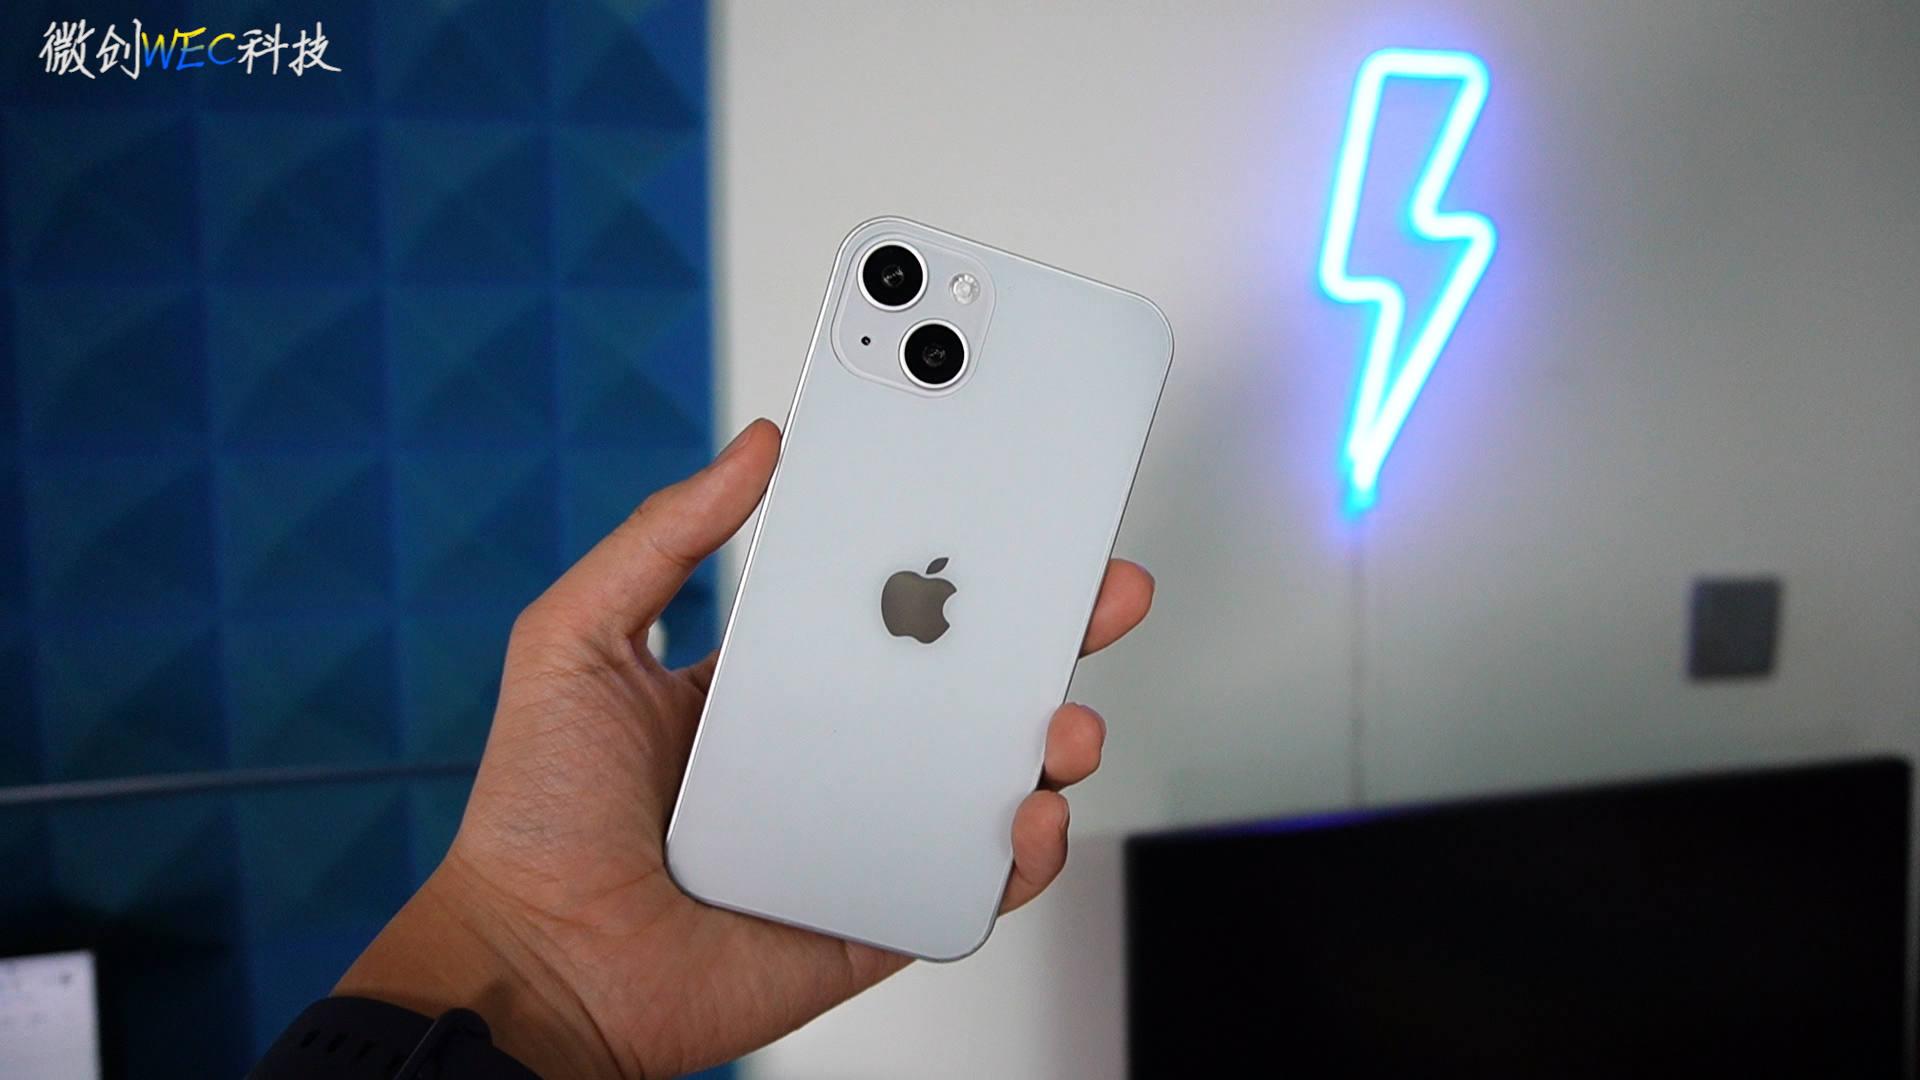 蘋果釋出會正在錄製中!新品不止iPhone 13,還有好多產品